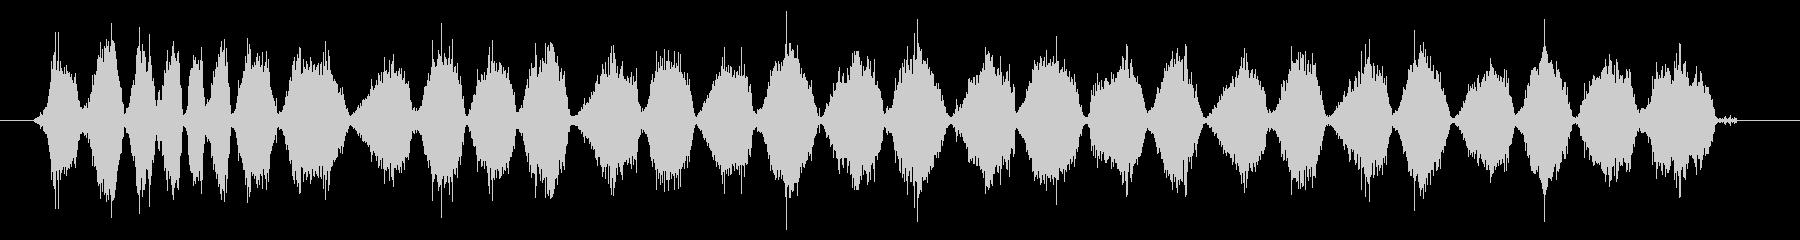 サンドペーパー:中程度のグリット:...の未再生の波形